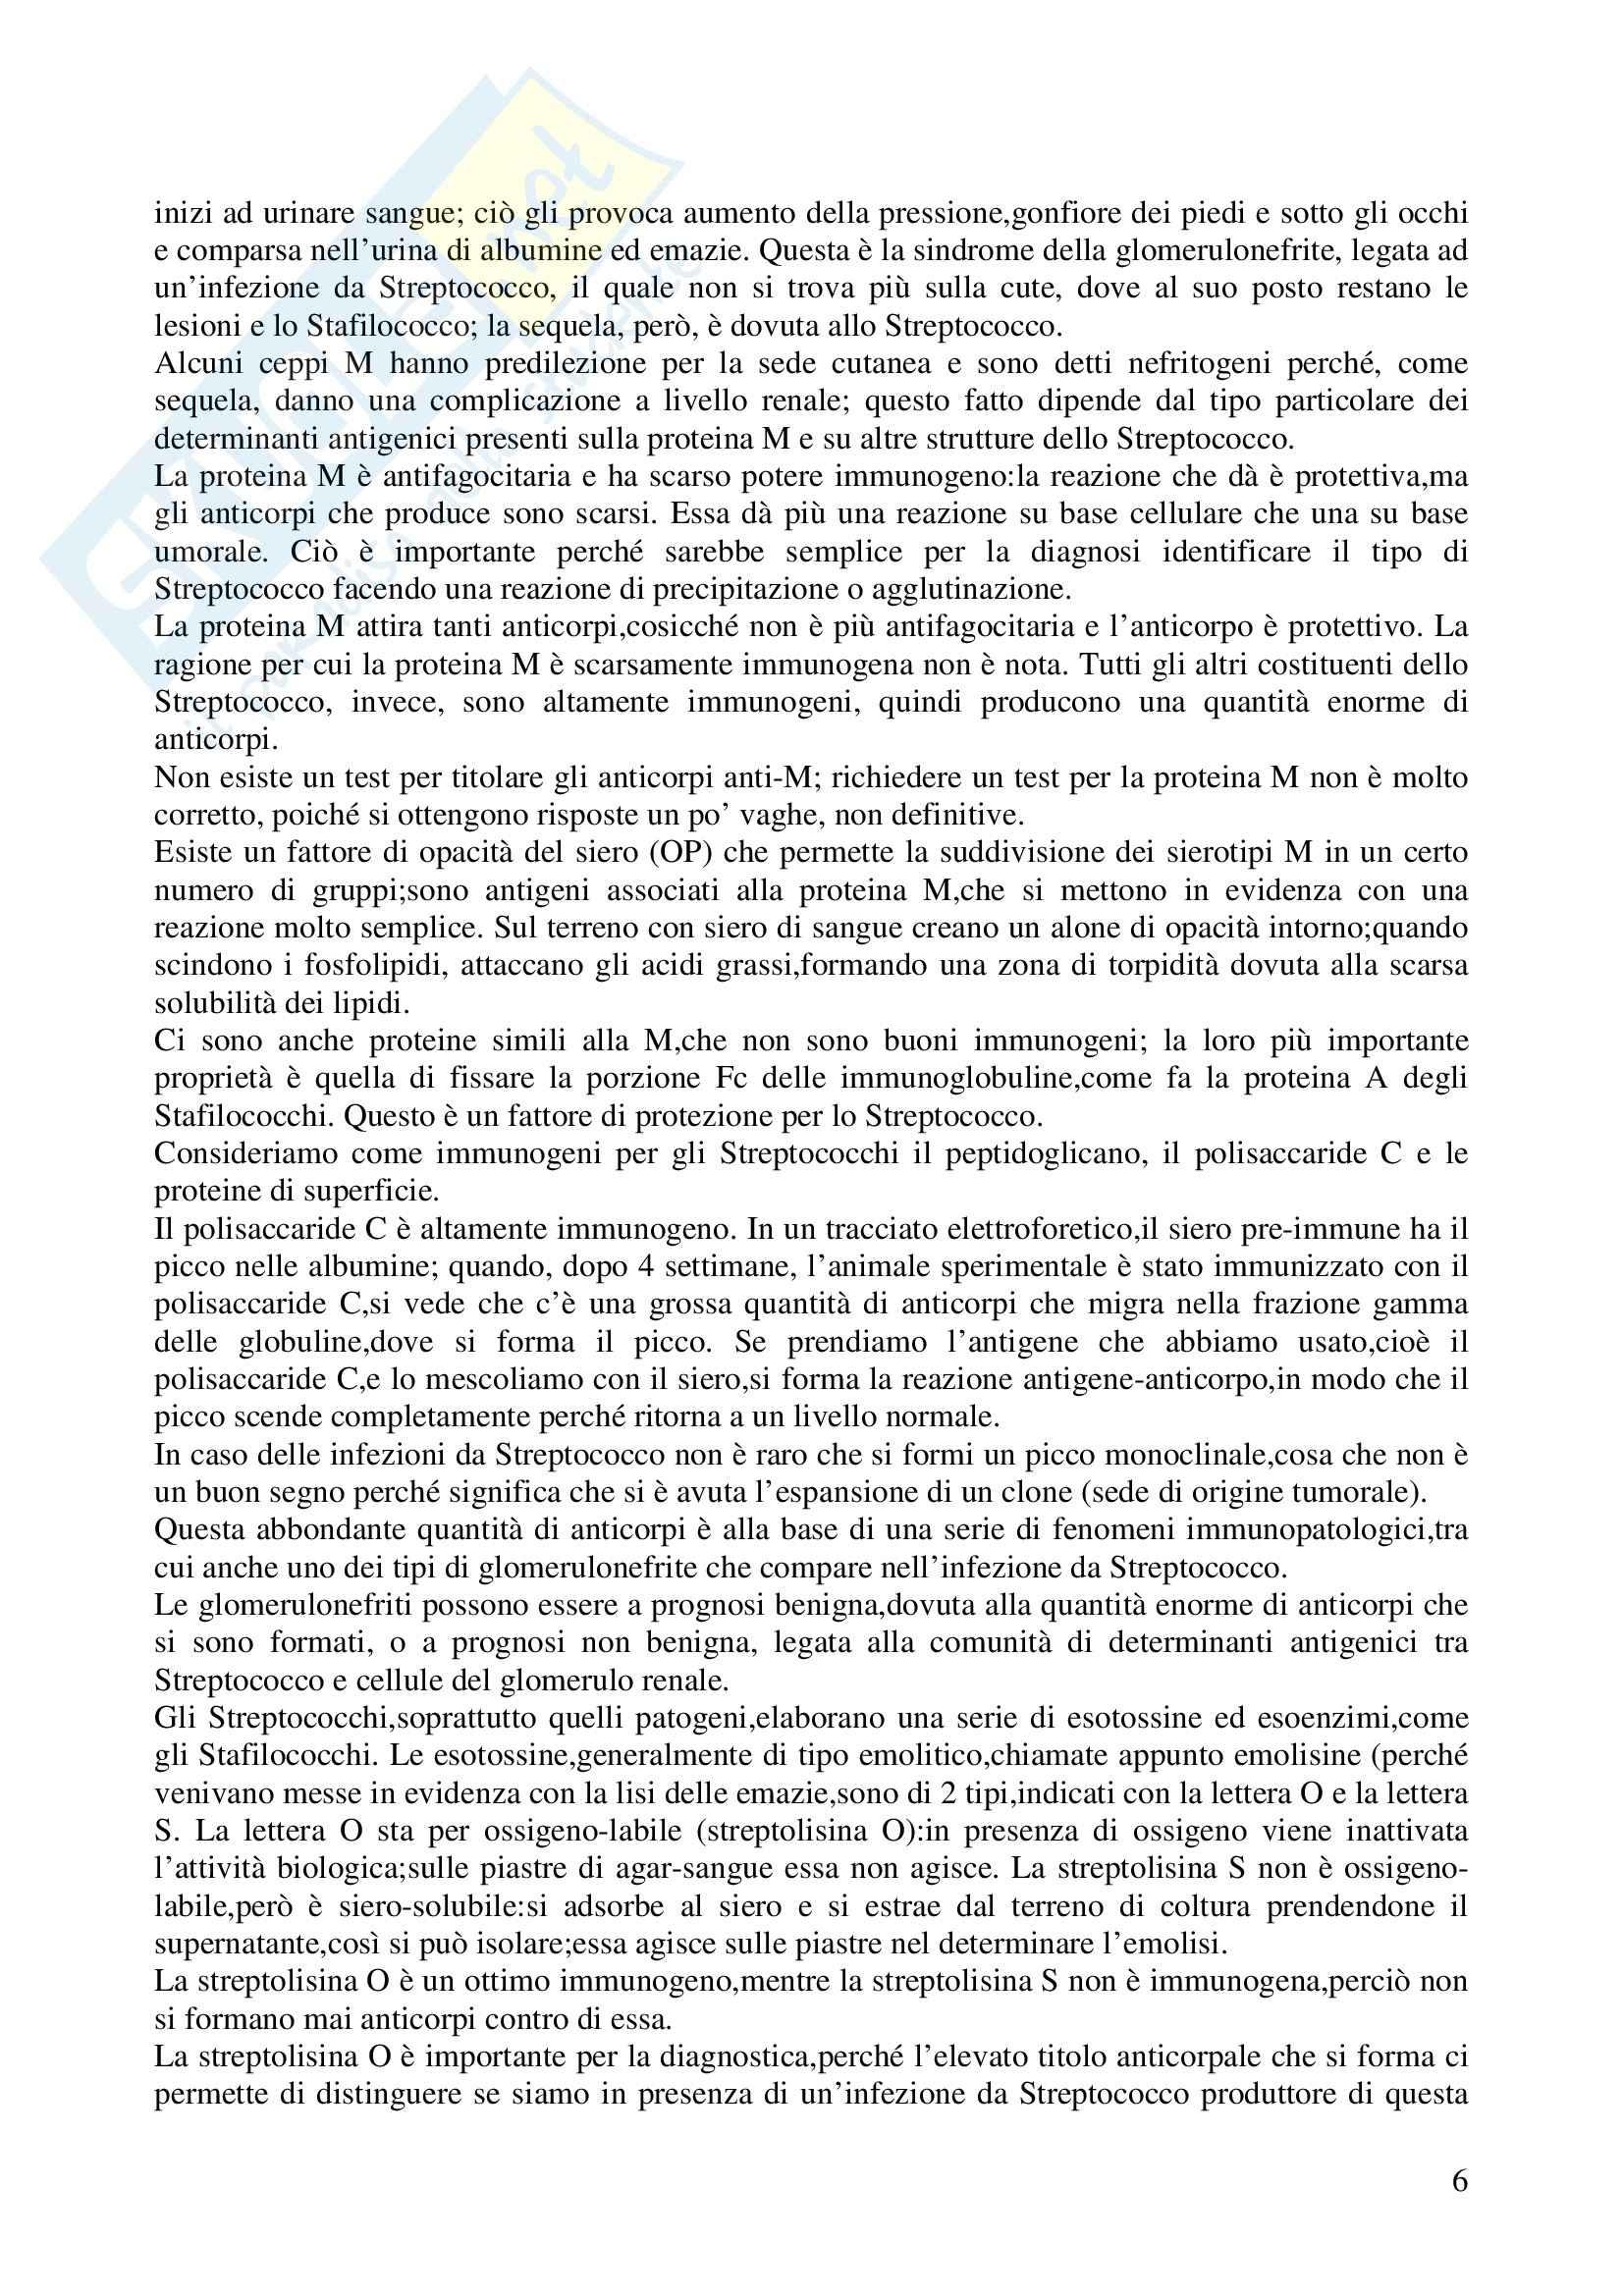 Microbiologia - stafilococchi e streptococchi Pag. 6